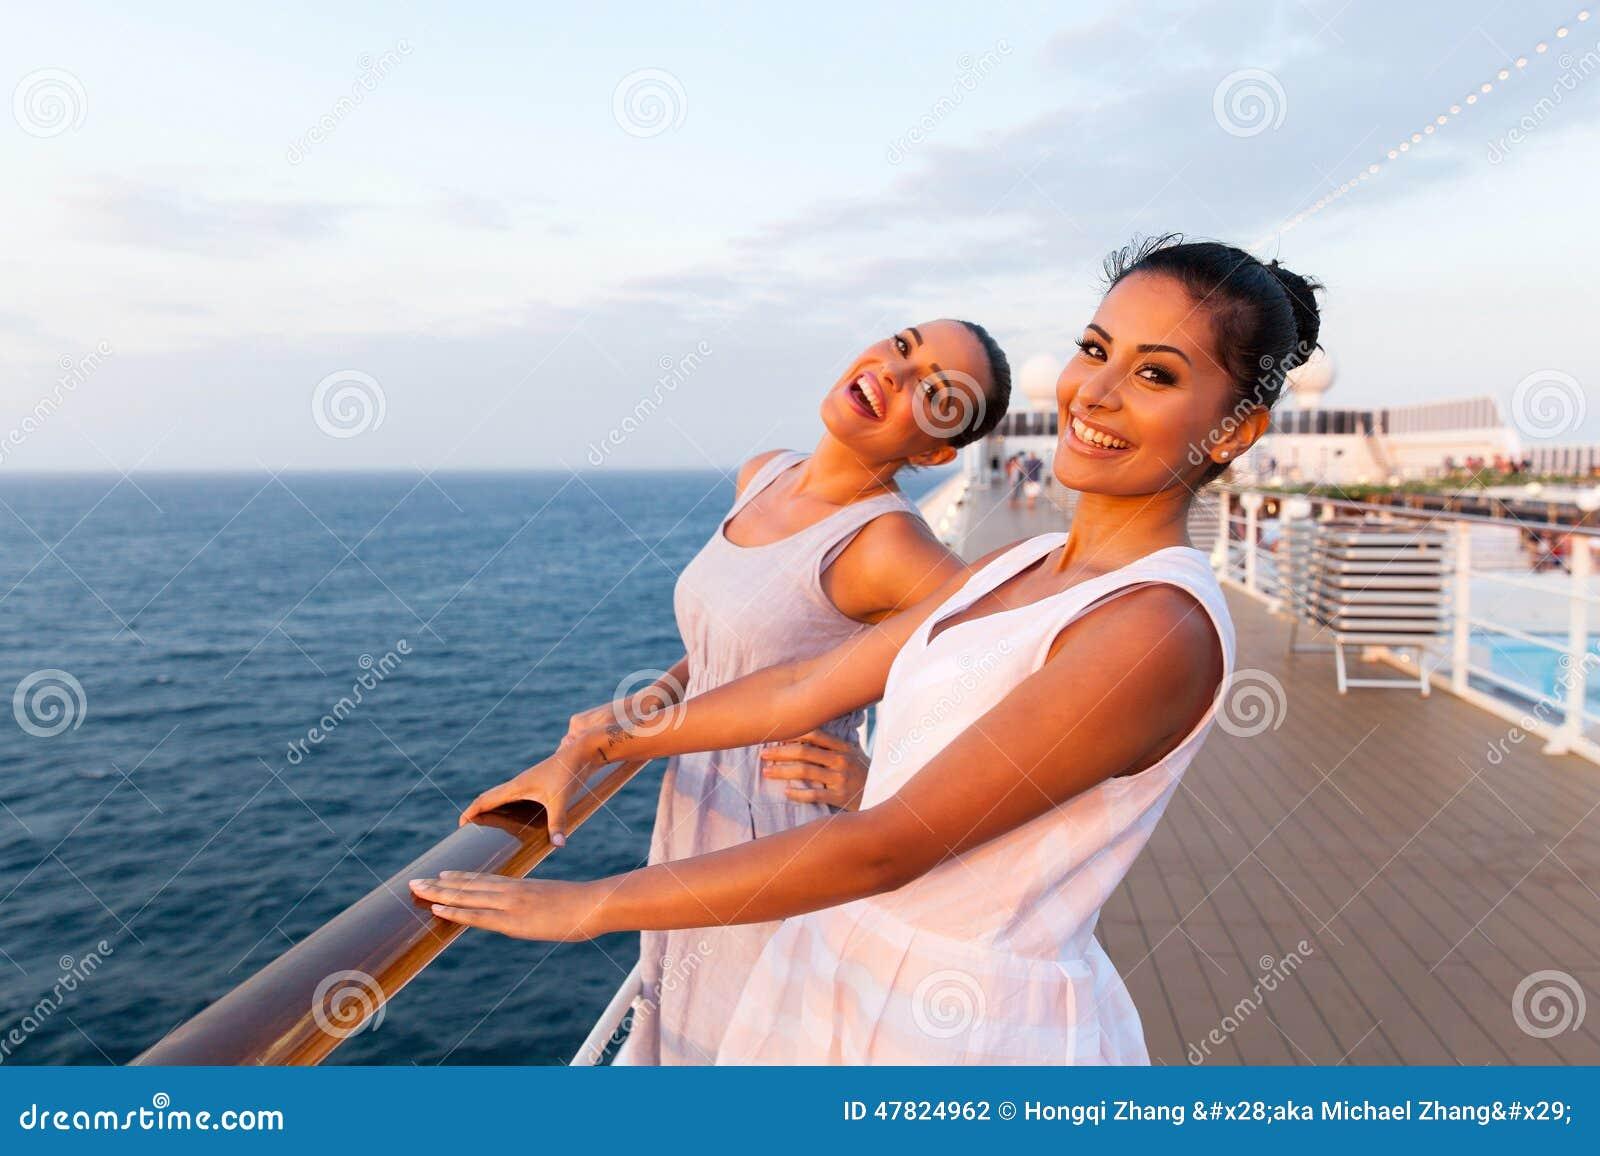 Women cruise ship